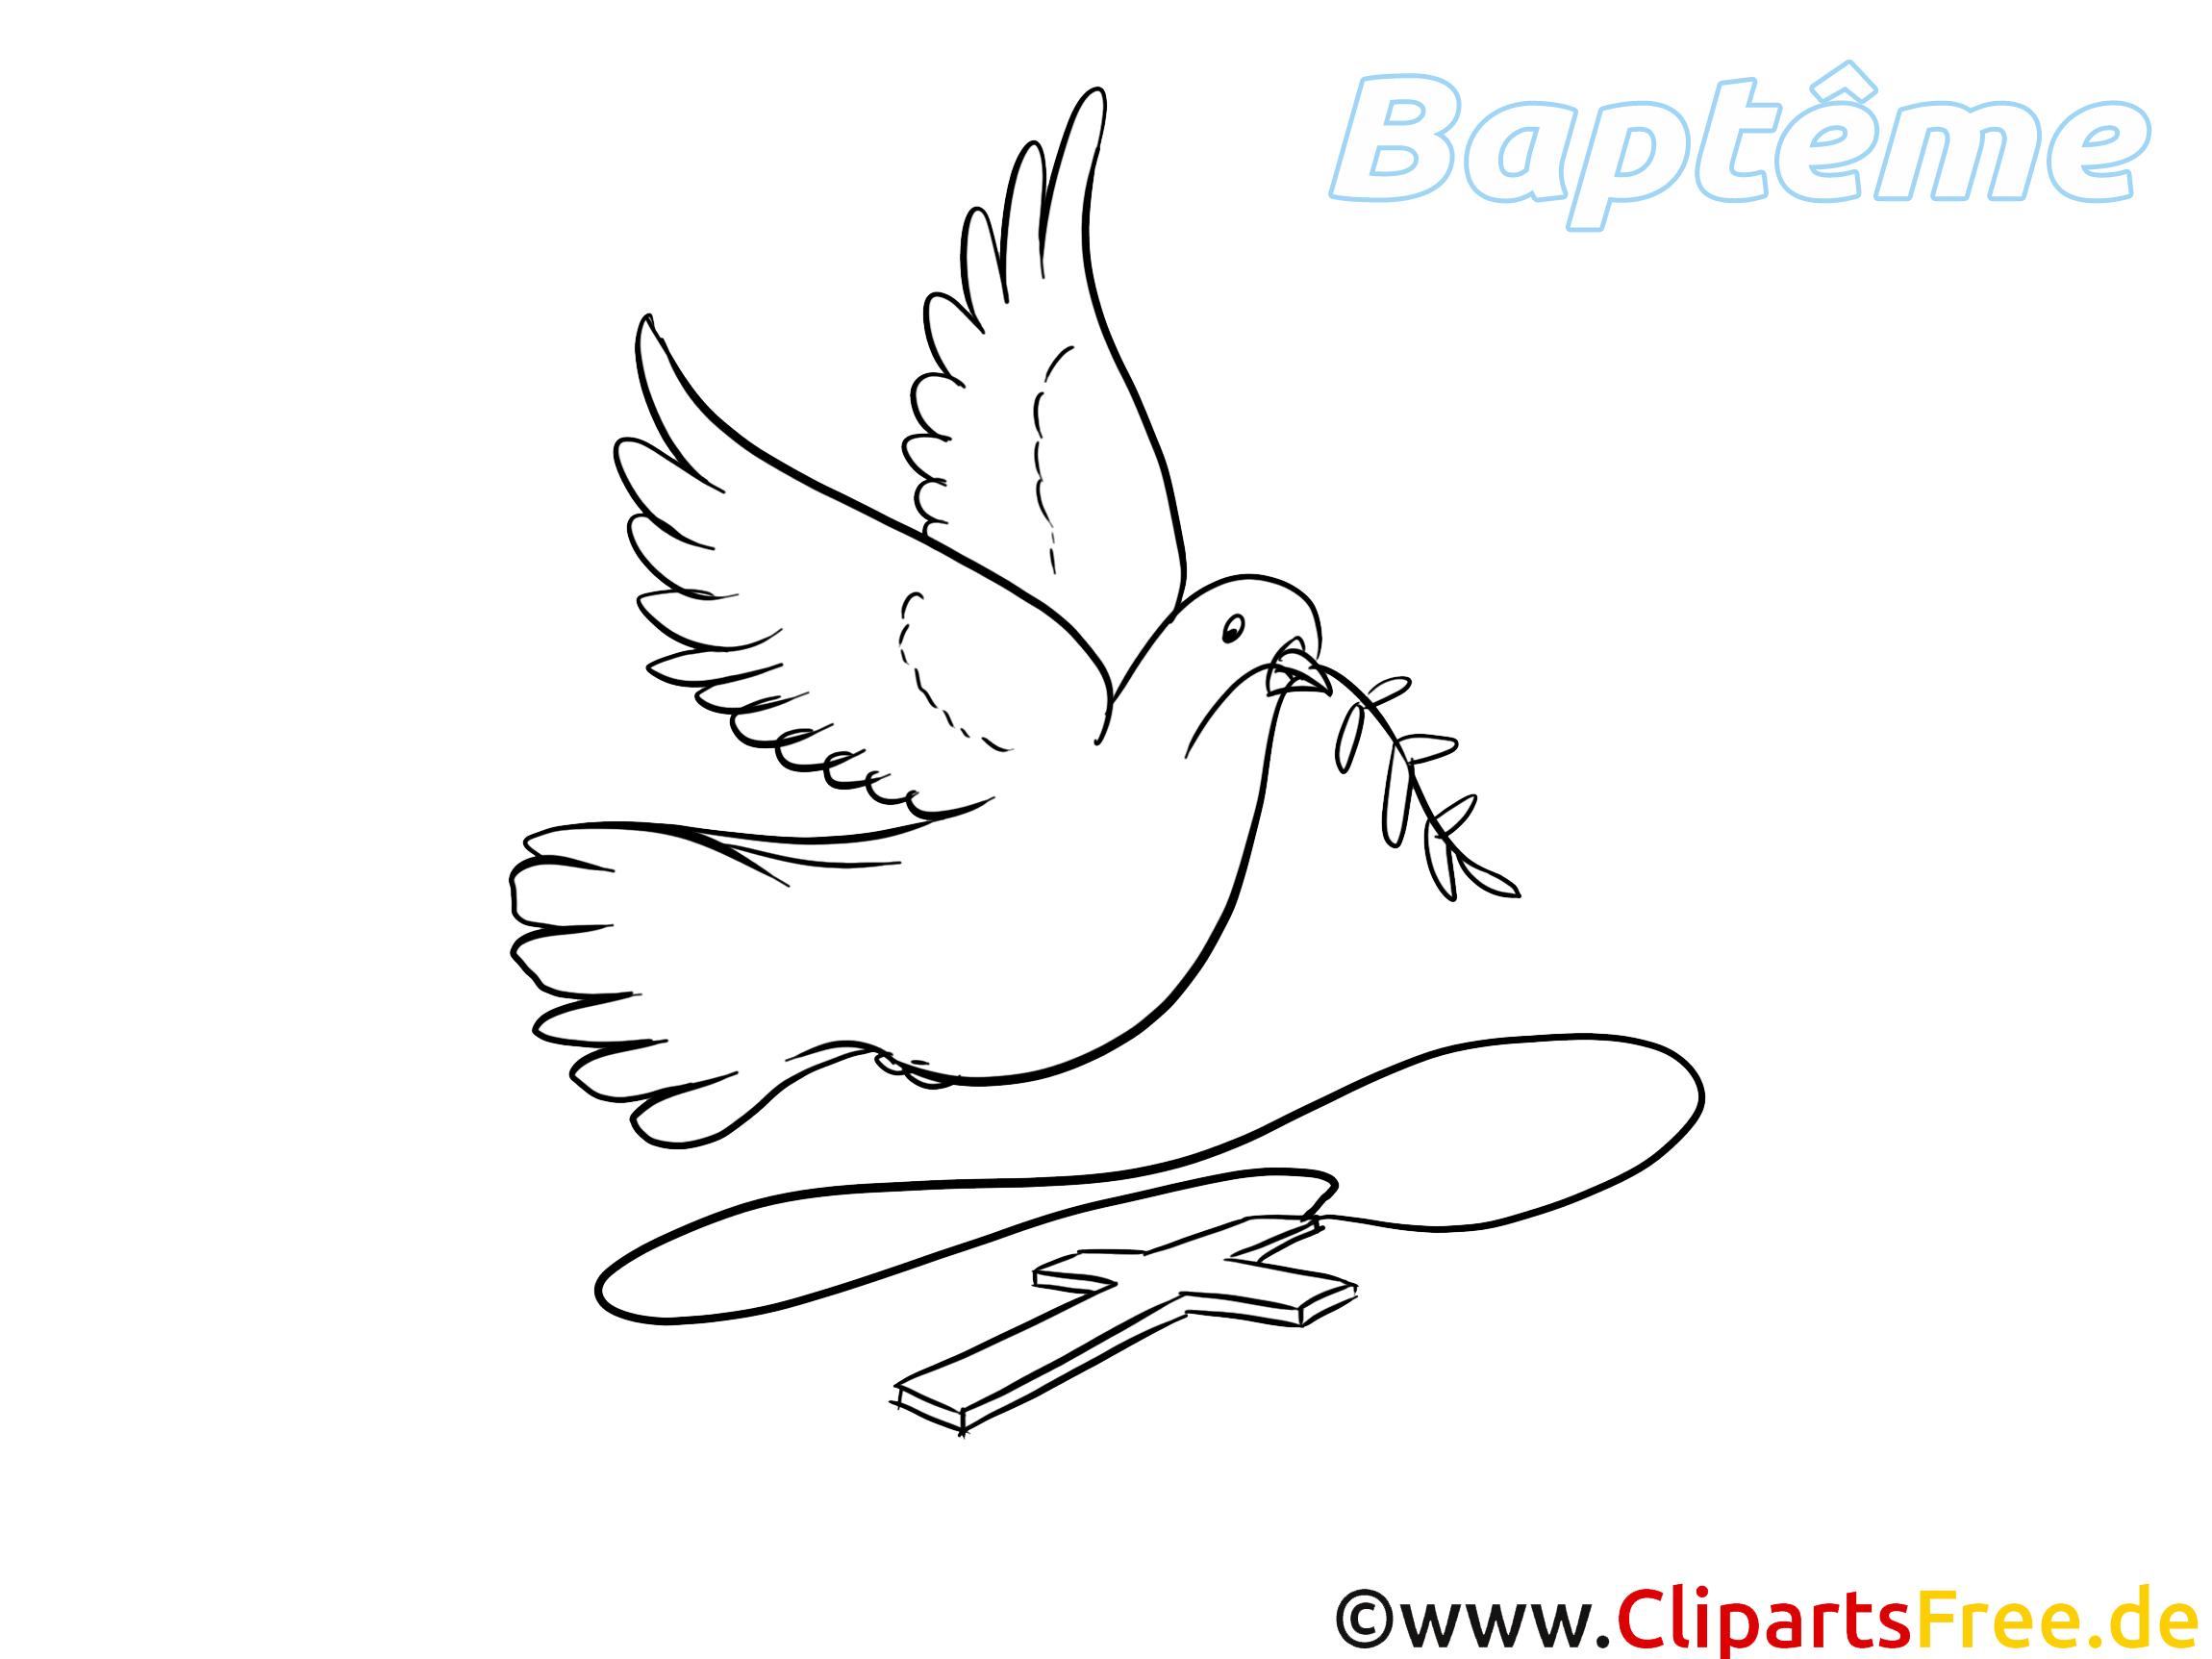 Pigeon dessin imprimer bapt me image bapt me dessin - Dessin de colombe a imprimer ...